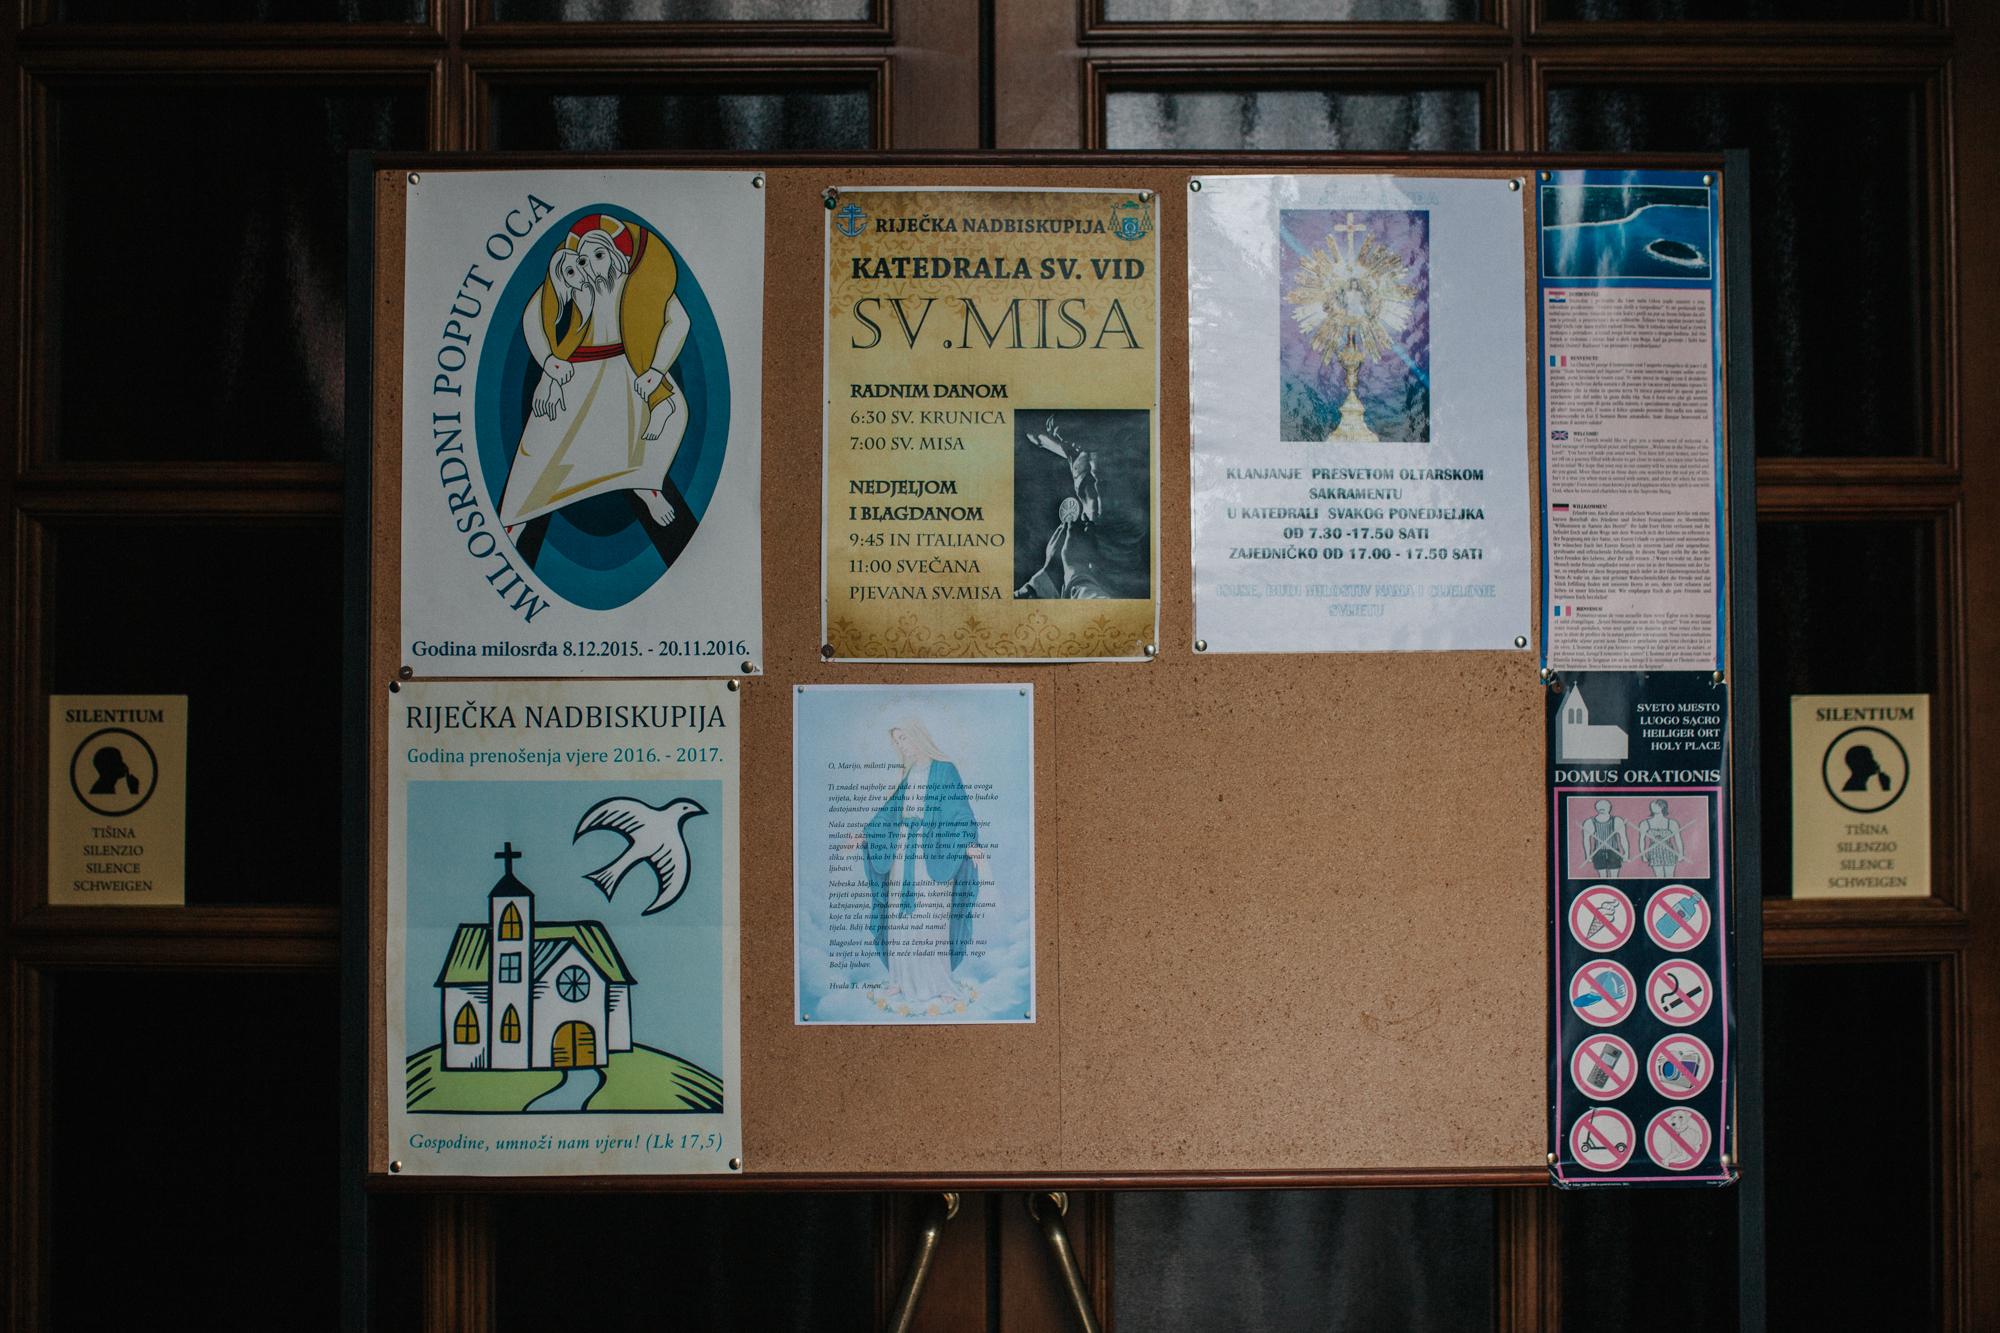 Intervencija na oglasnim pločama katoličkih crkava koja simulira feminističku molitvu gospi, izvedena je 12.11.2016. na sedam lokacija u Rijeci. Fotografija prikazuje intervenciju u Katedrali Svetog Vida, koja je uklonjena već slijedećeg dana. Foto: Tanja Kanazir, 2016.